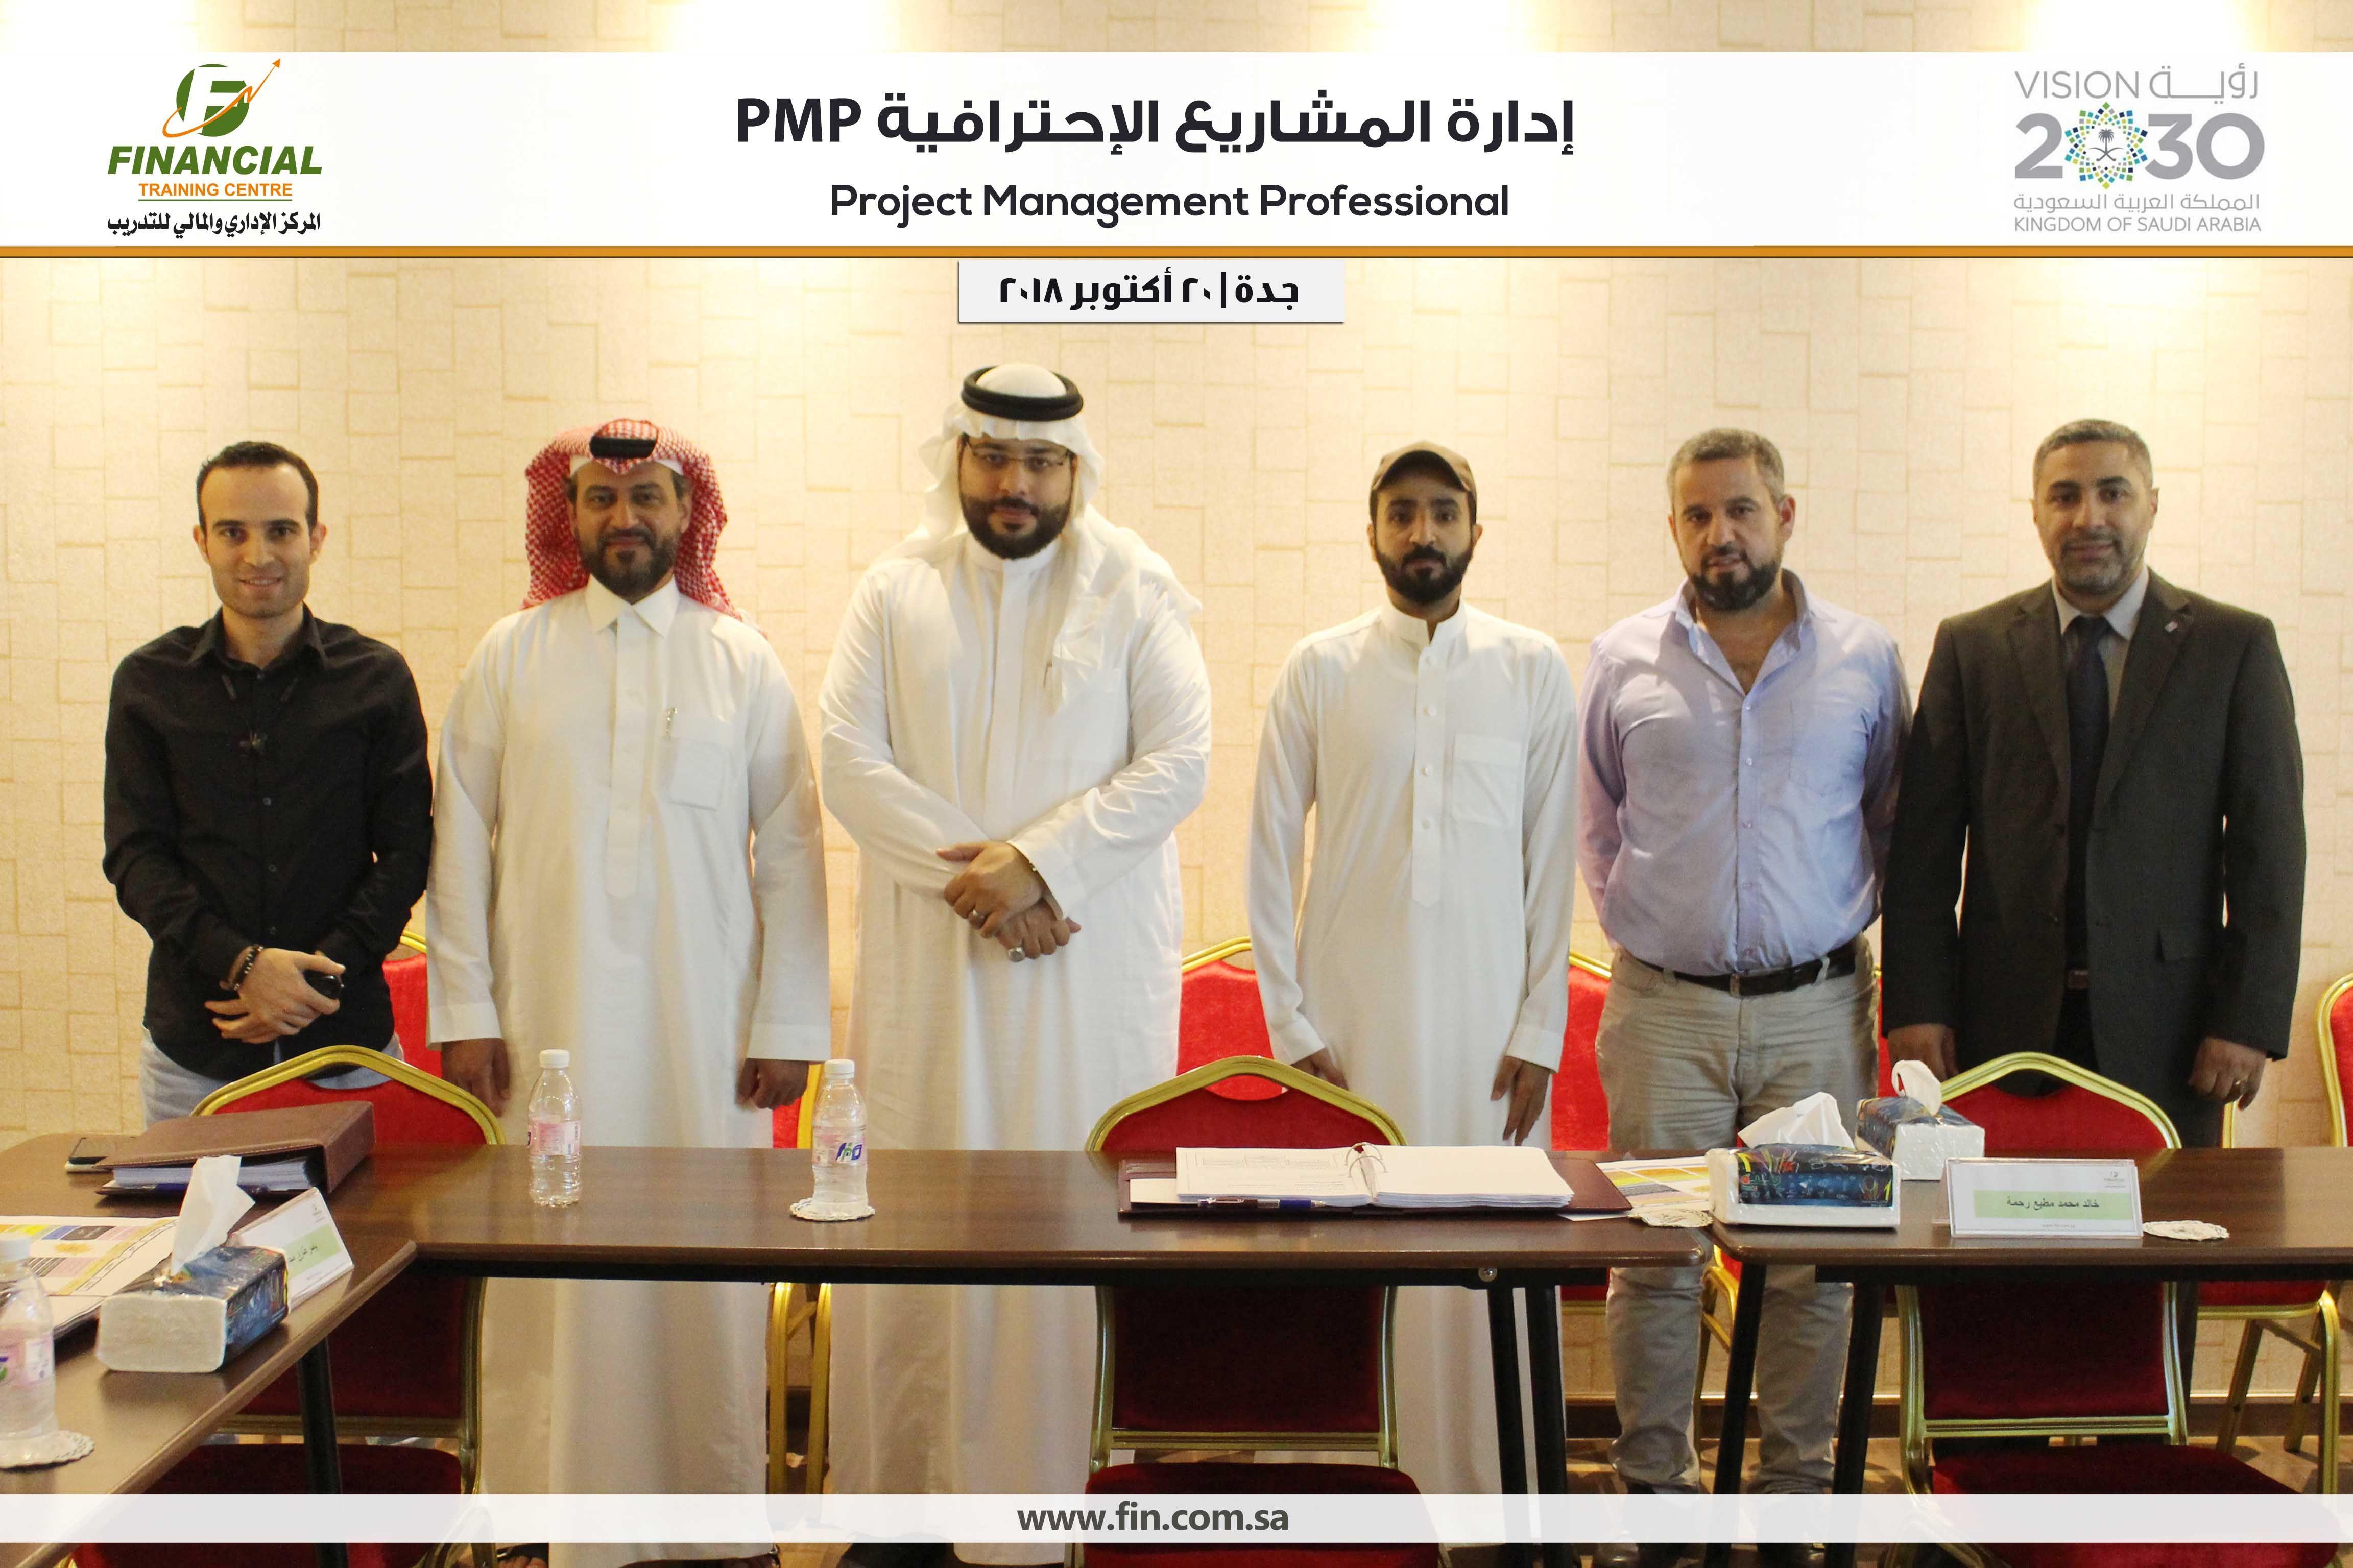 انتهاء دورة ادارة المشاريع الاحترافيةpmp Project Management Professional Project Management Lab Coat